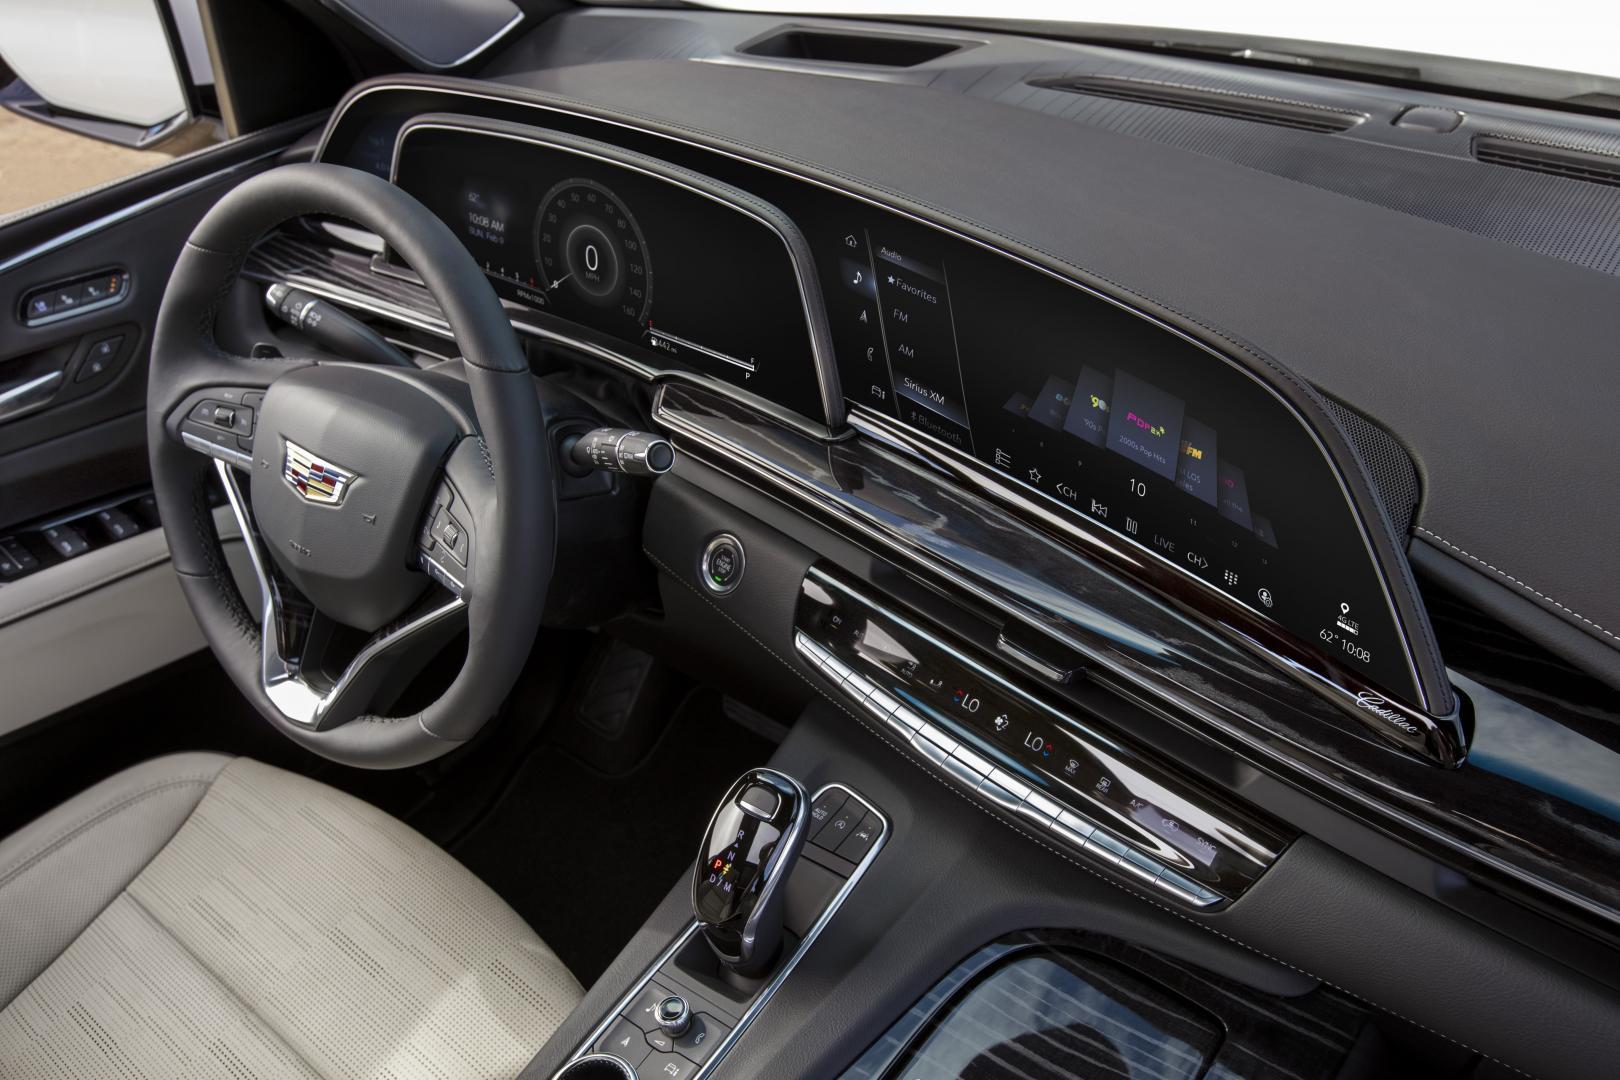 Cadillac Escalade 2021 dashboard interieur scherm schermen display oled